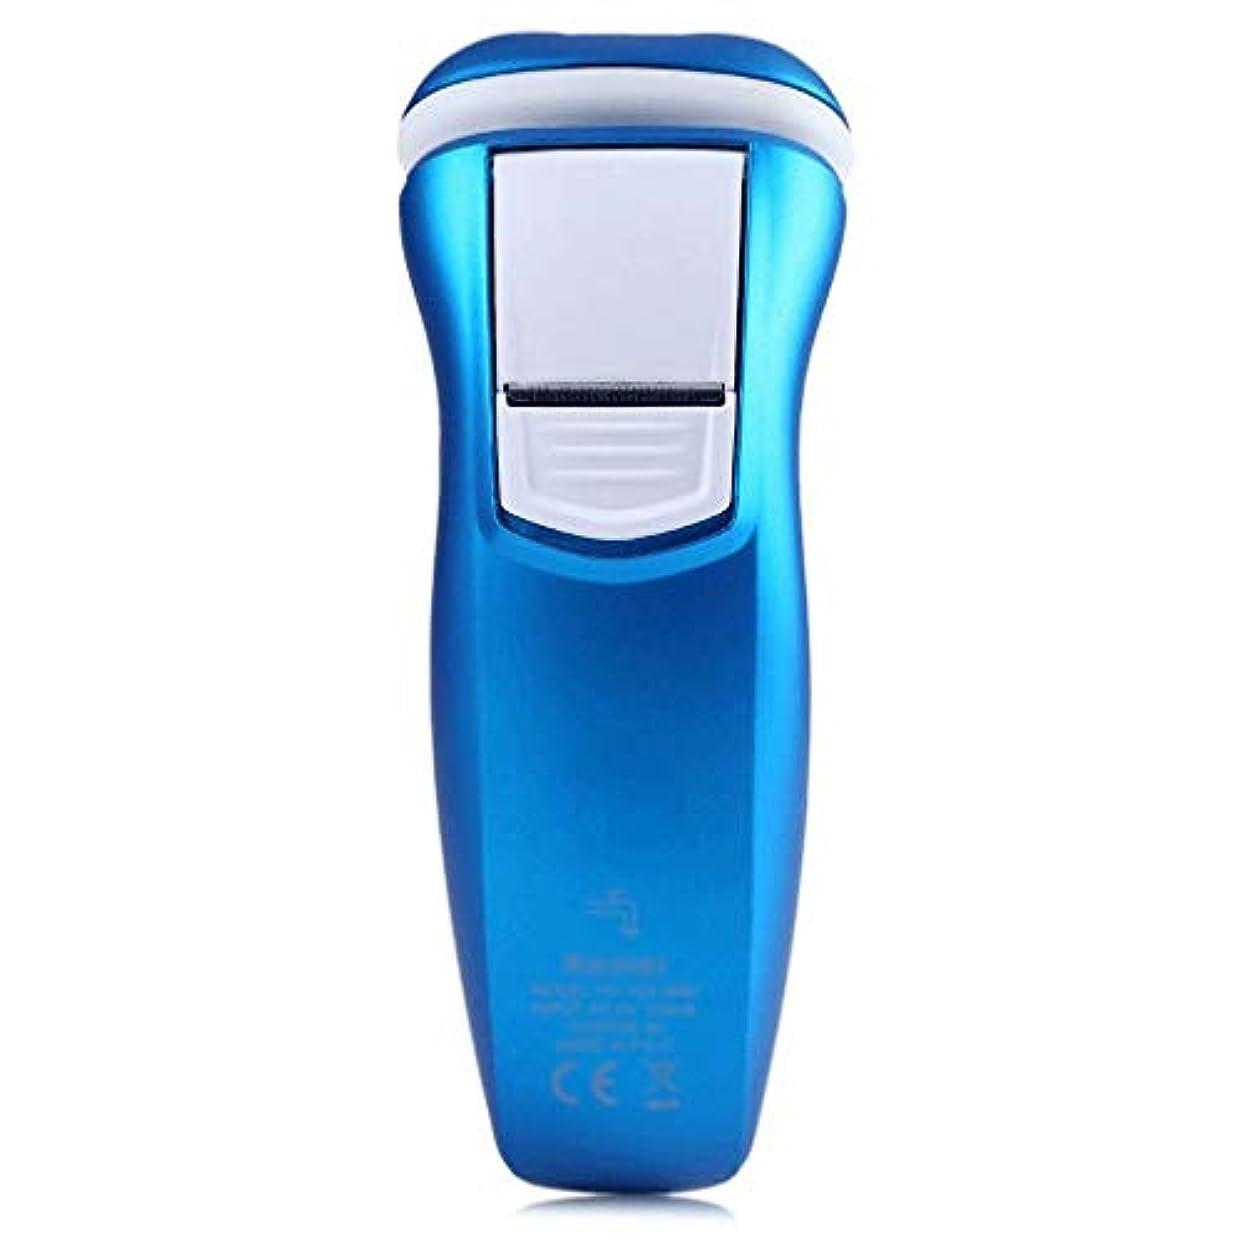 休日に扱う女優LXTXD ポップアップ精密トリマー、充電式、青を持つ男性用電気かみそり、湿式および乾式電気かみそり